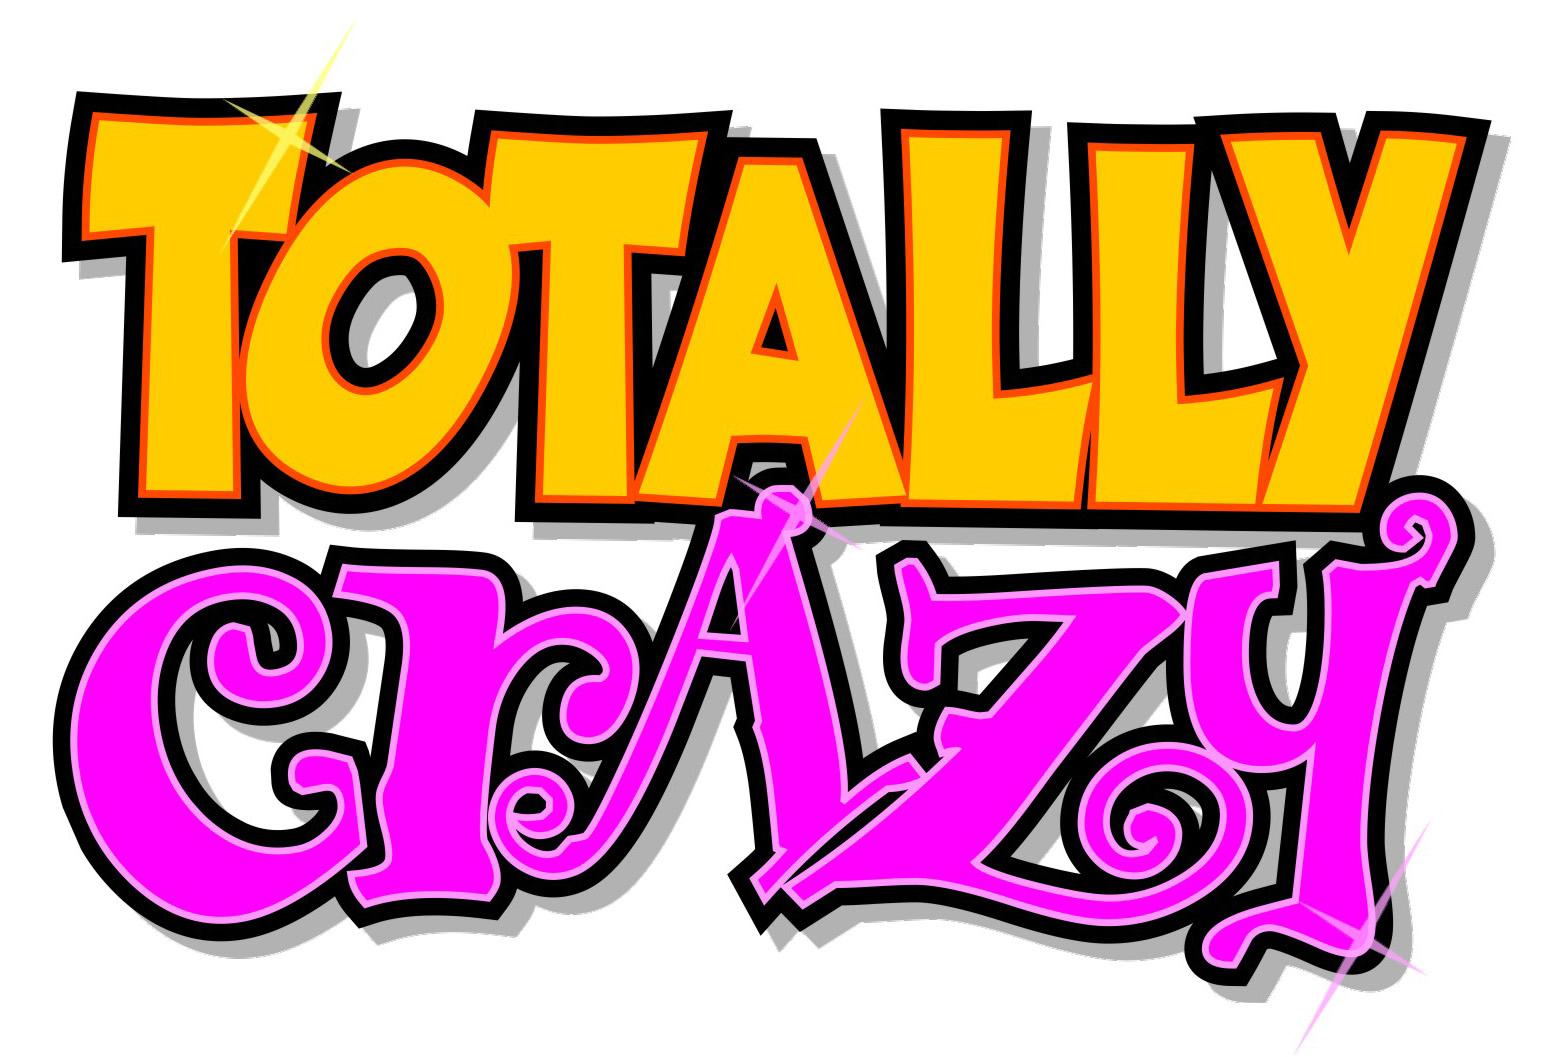 Totally Crazy Logo